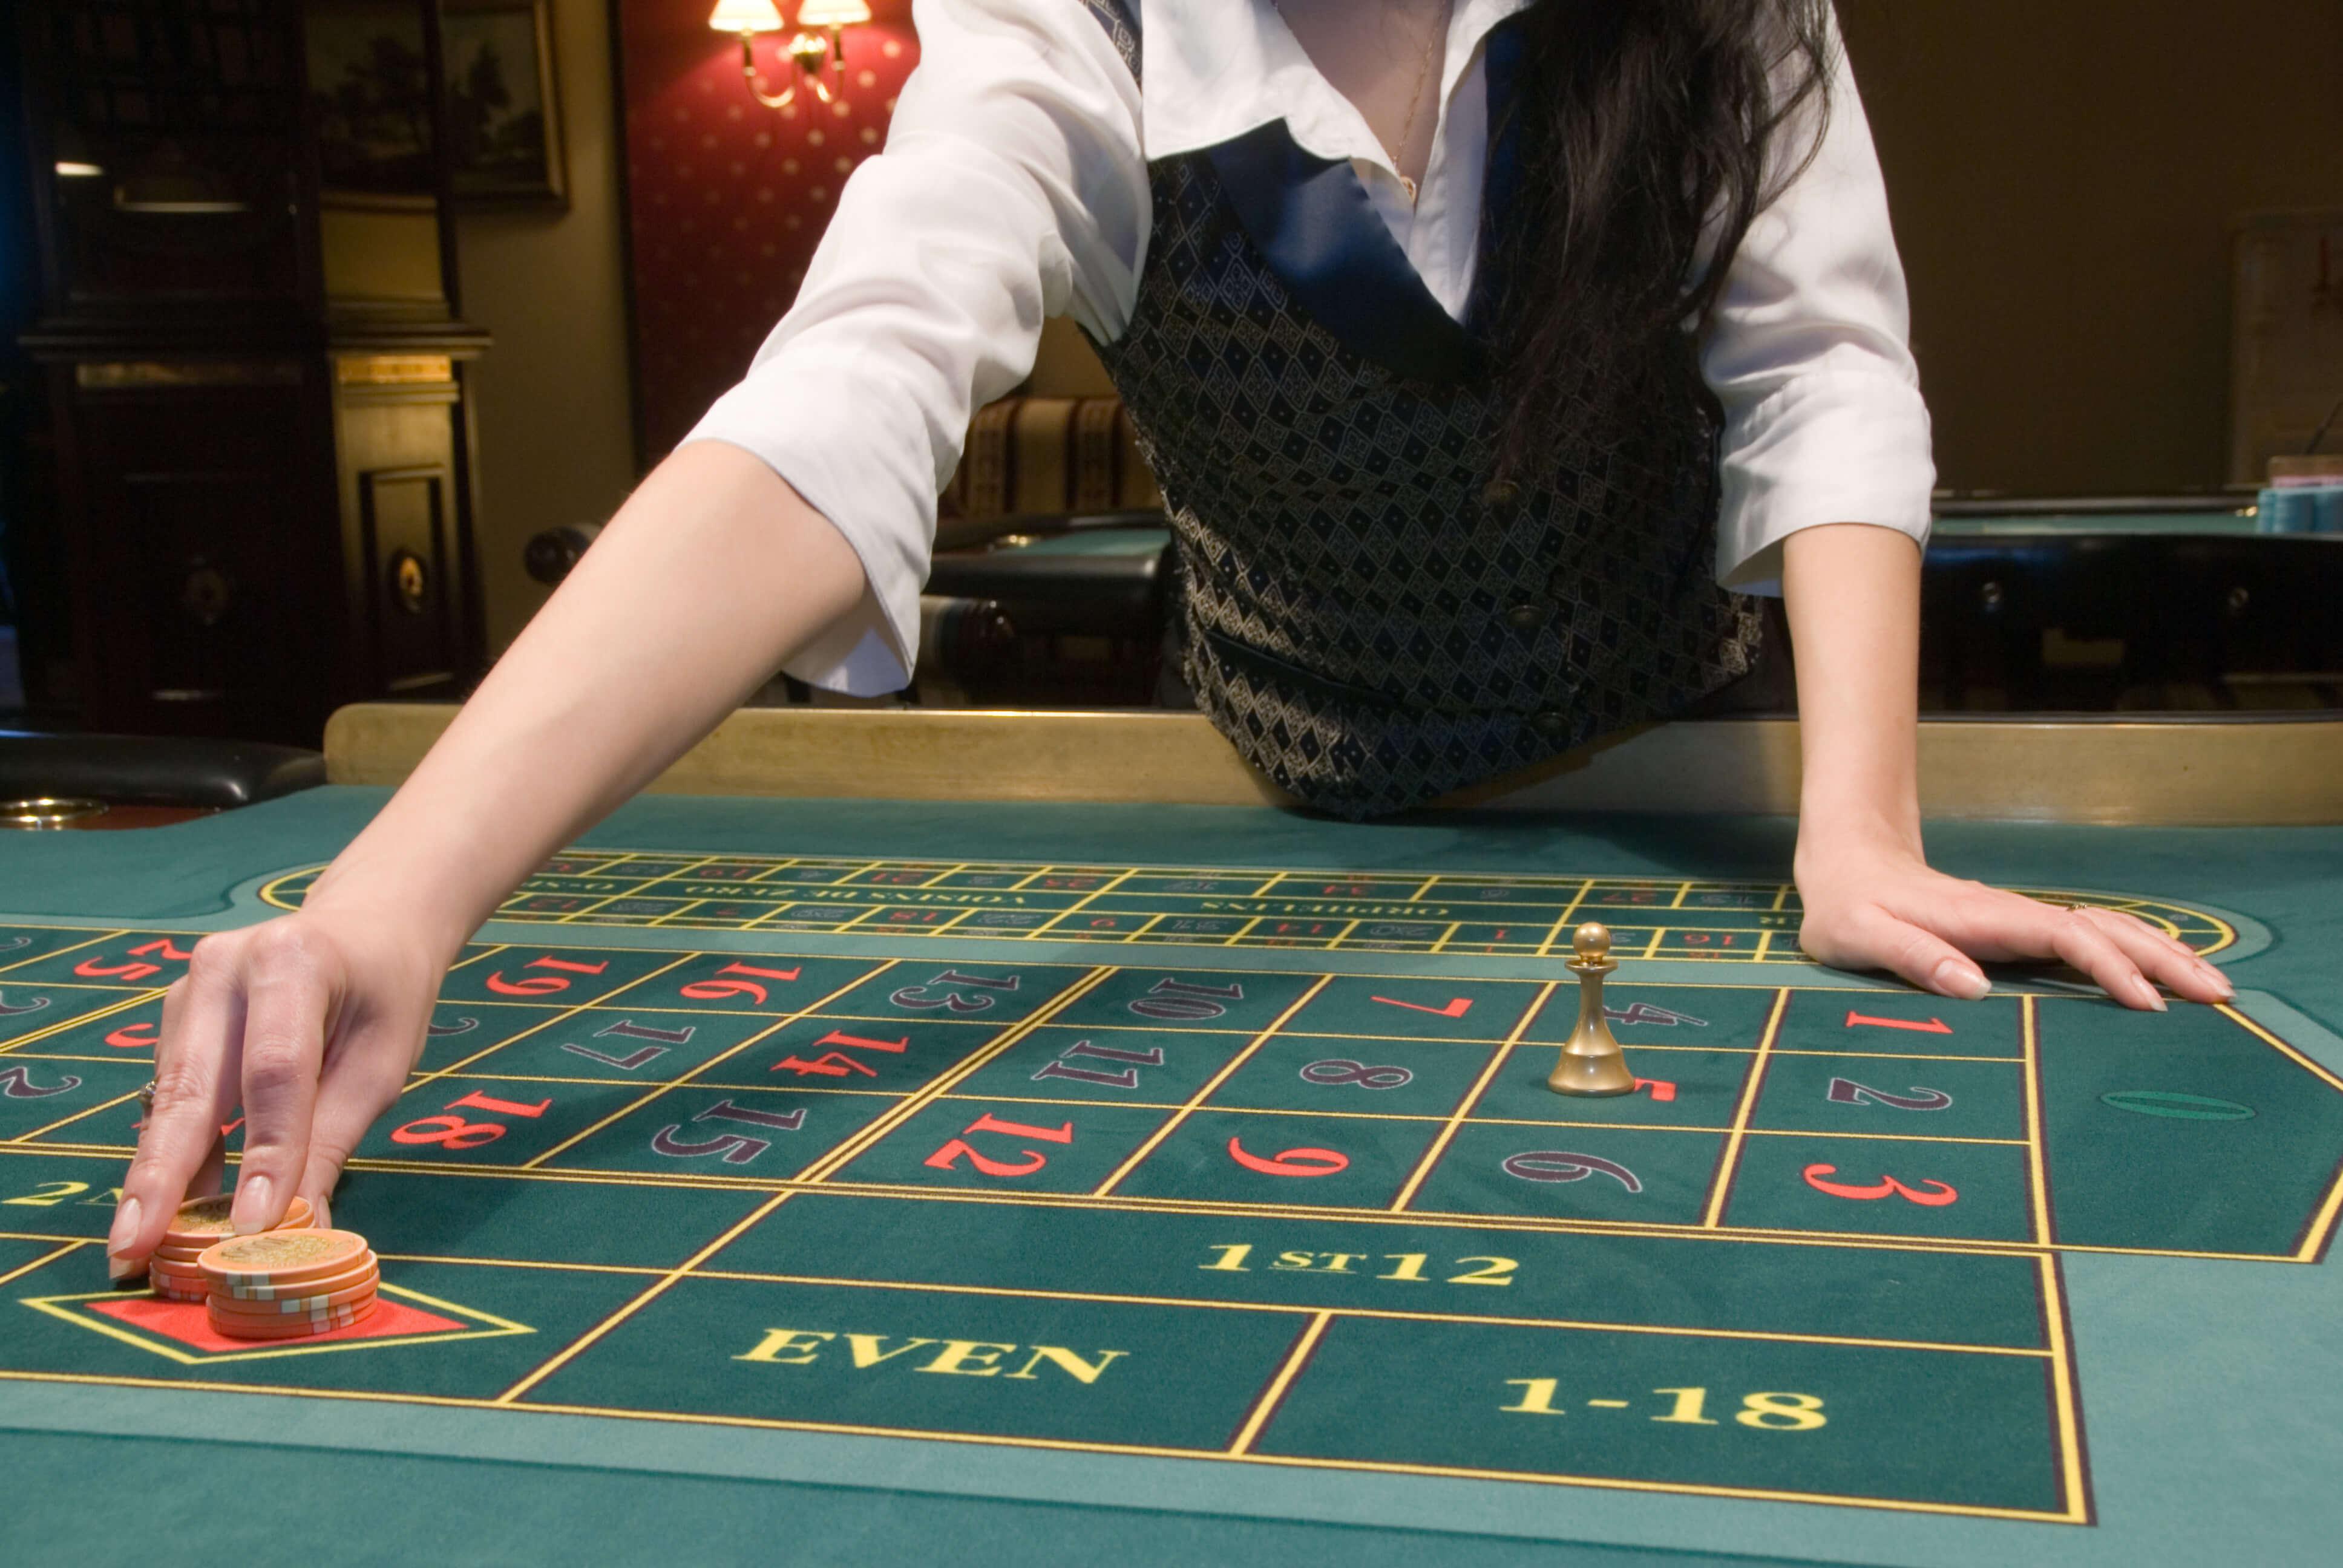 mesa de ruleta con crupier en directo